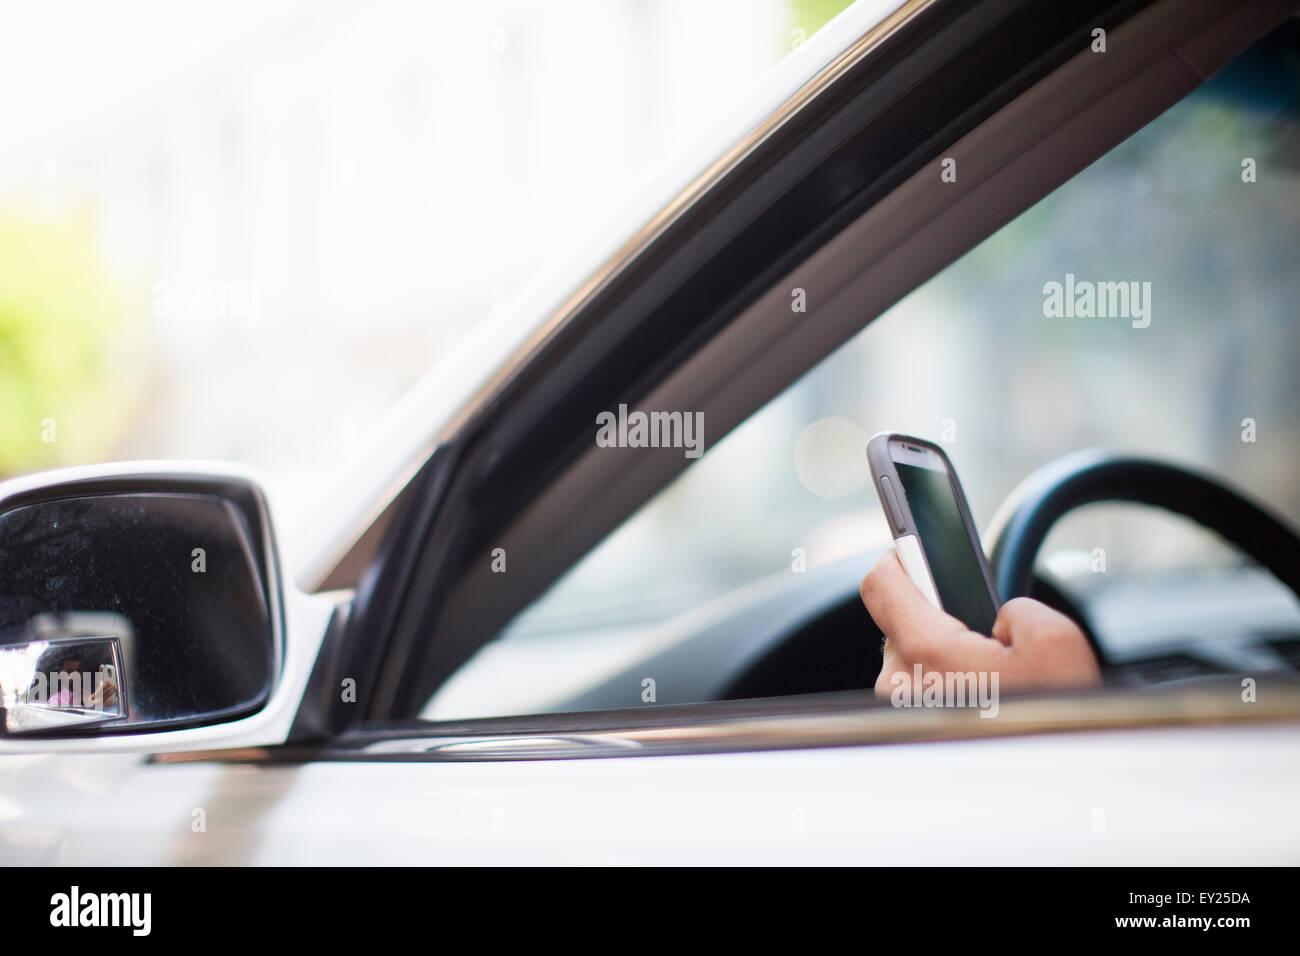 La mano del empresario mediante smartphone a car window Foto de stock